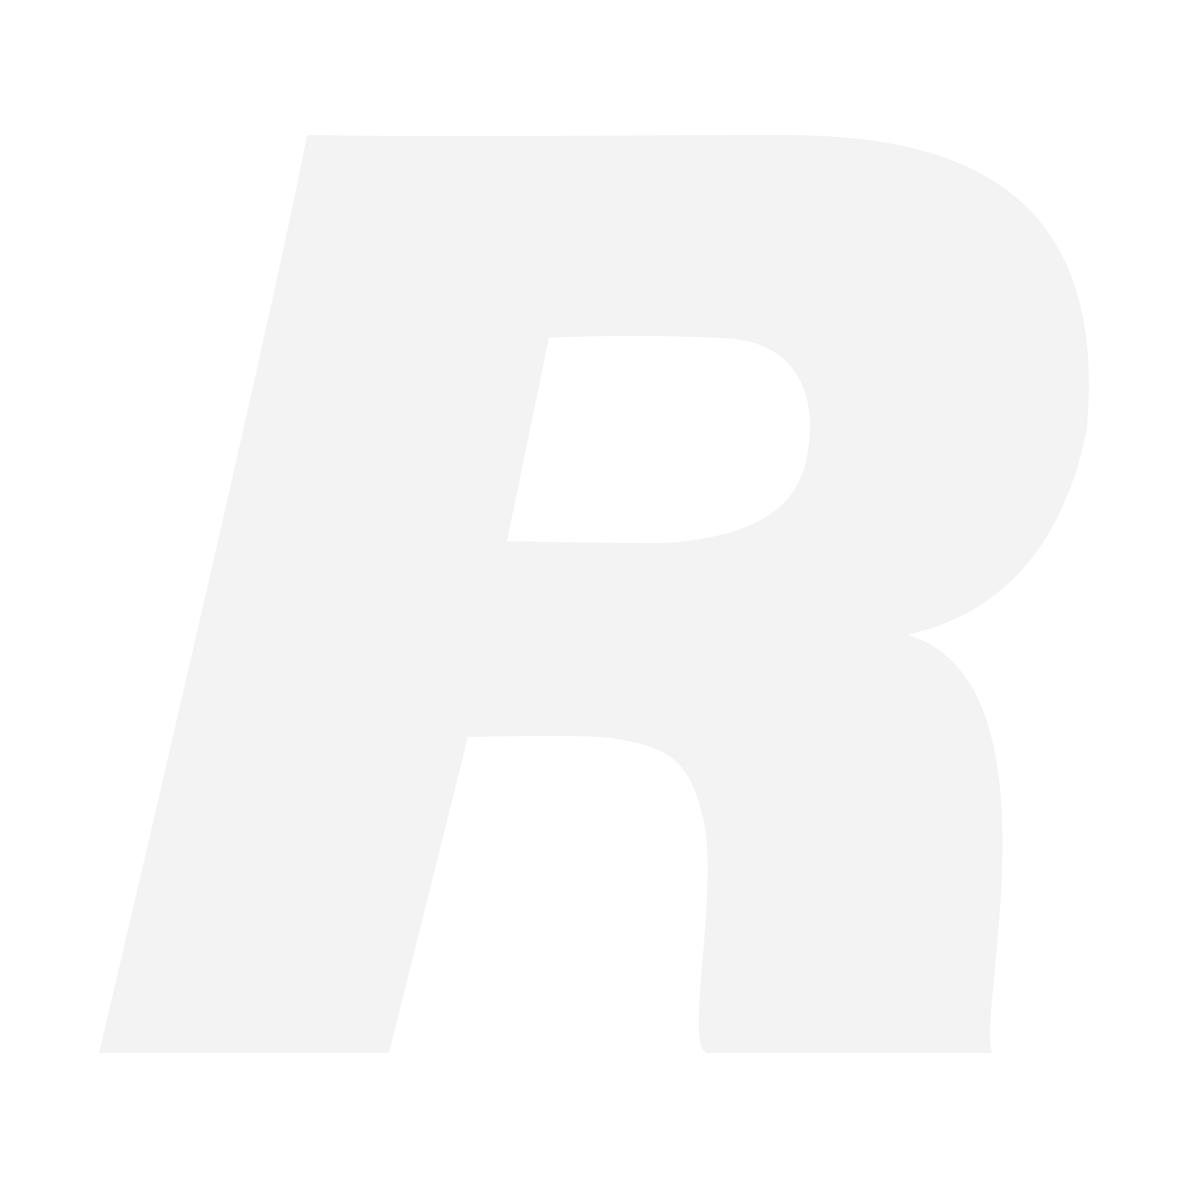 Feiyutech G4 QD Handheld Gimbal till GoPro Hero 3/4/5